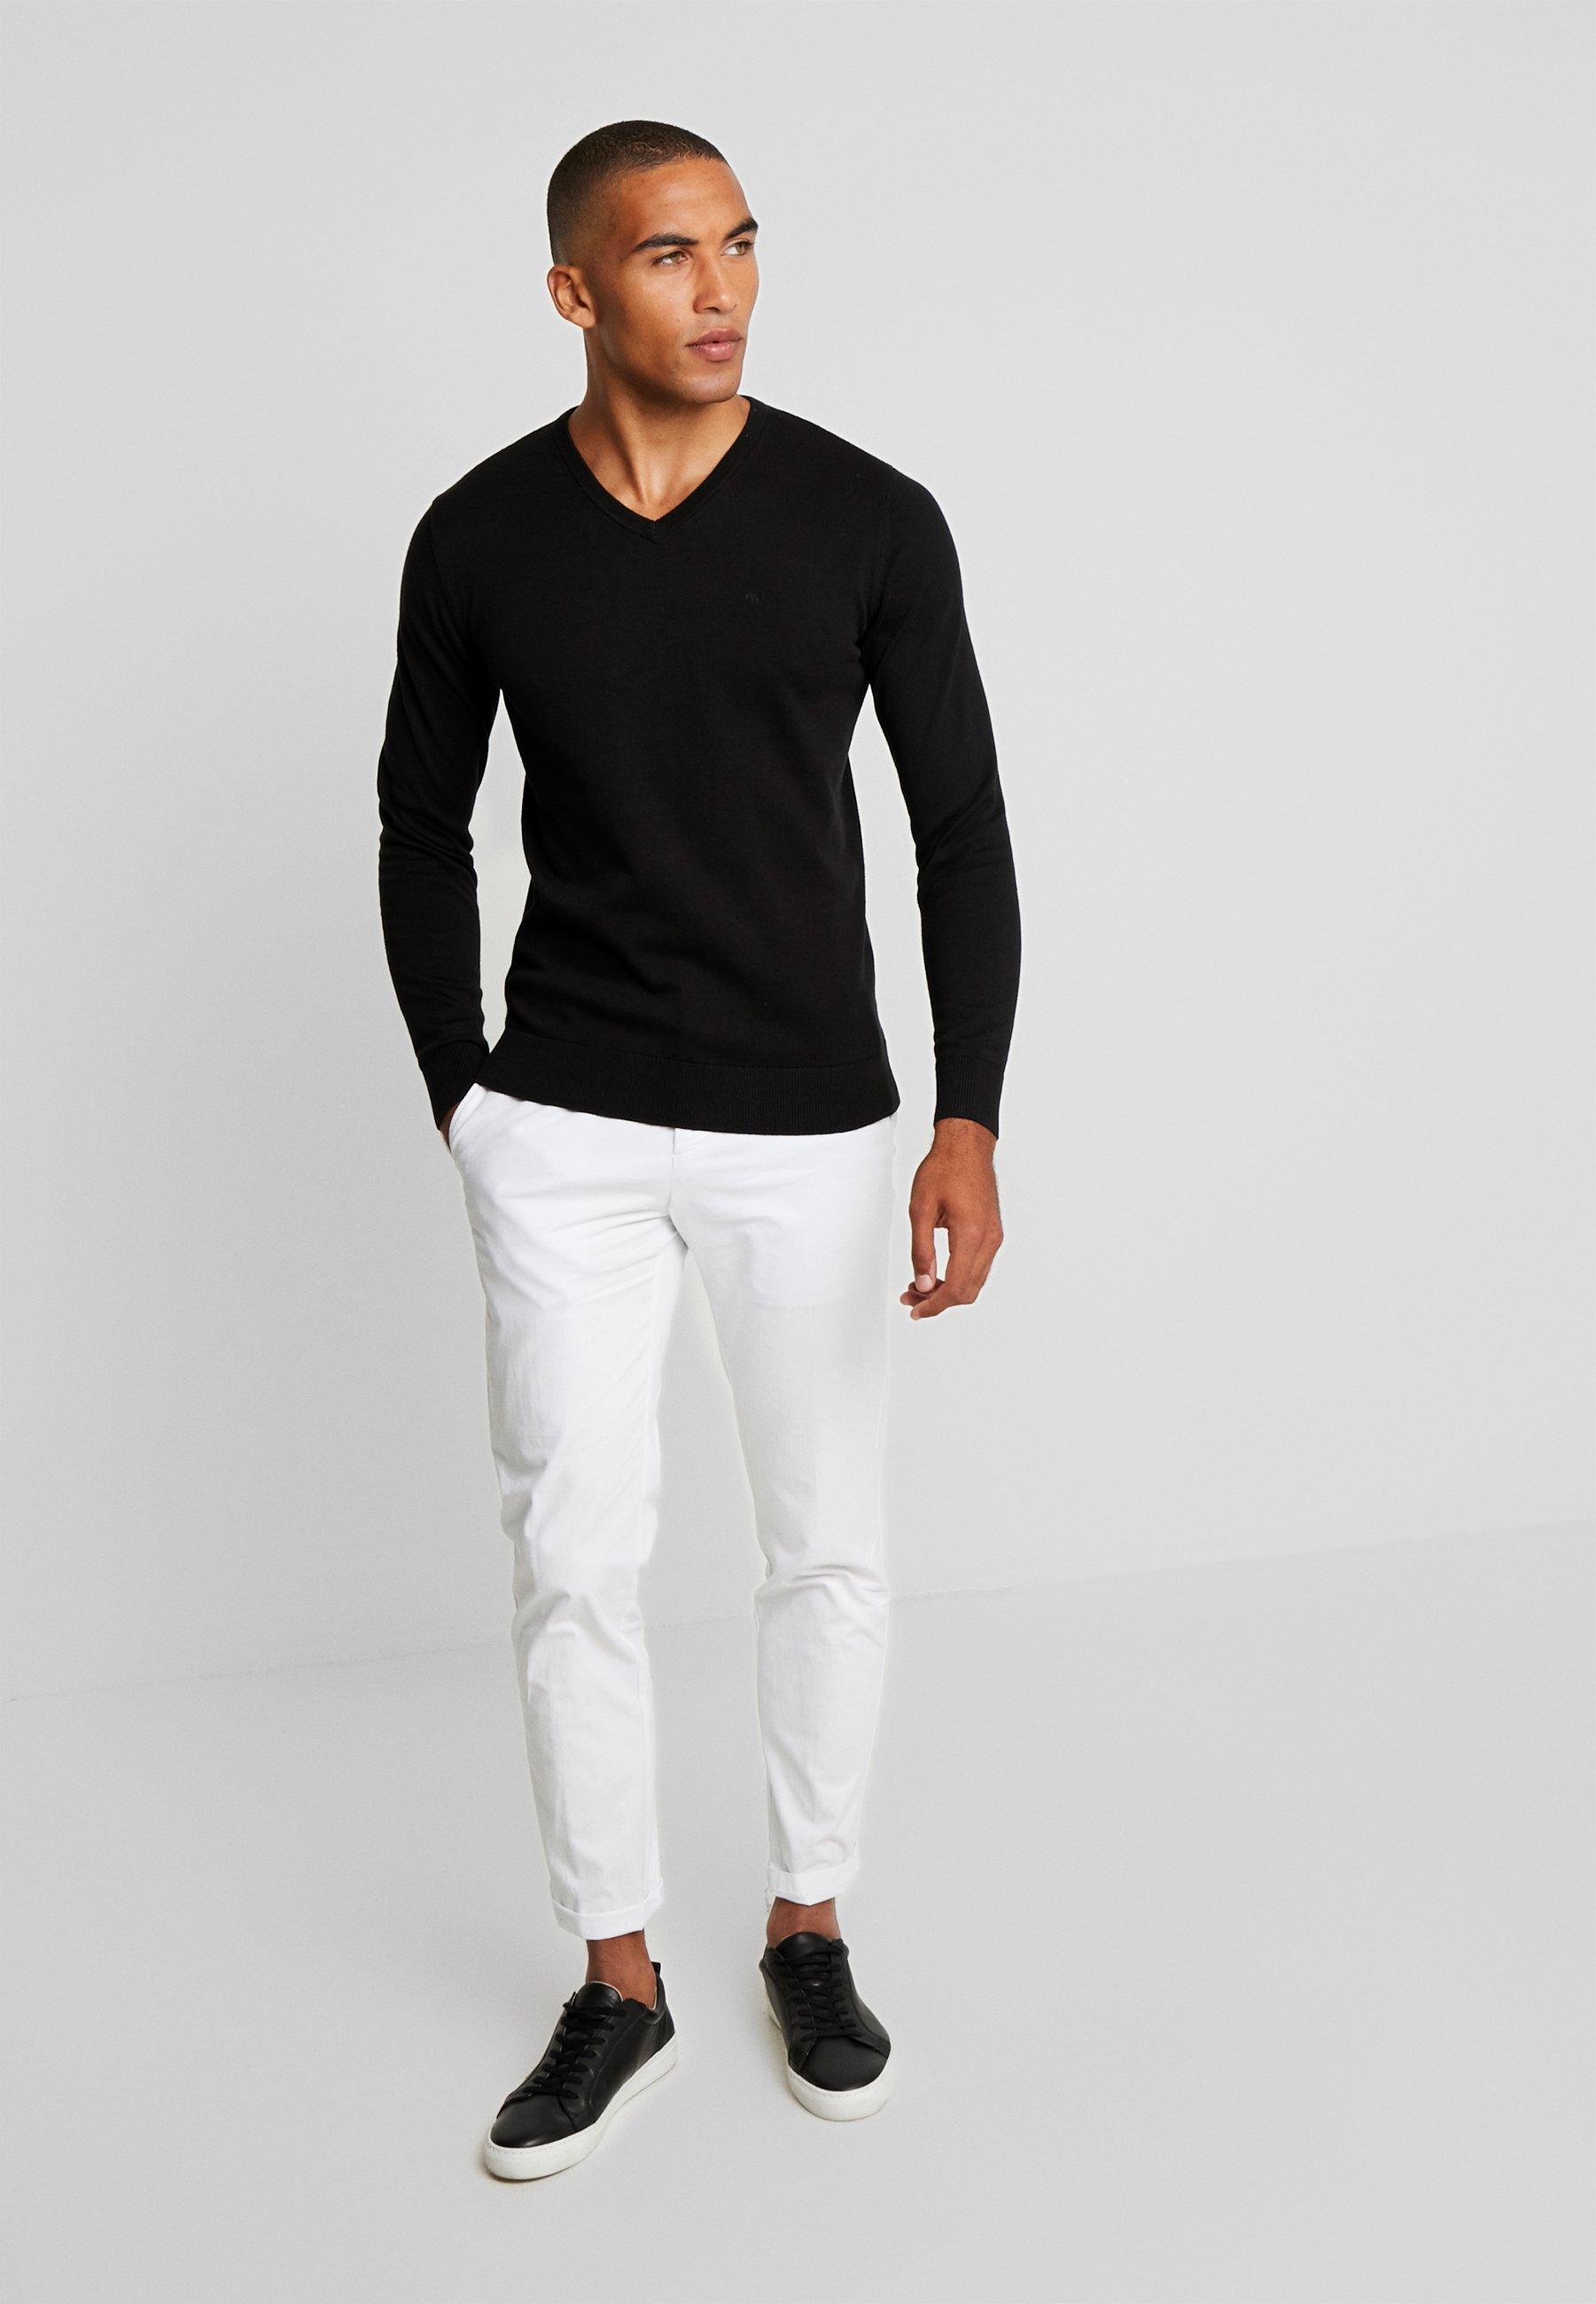 Tom Tailor Basic V Neck - Pullover Black